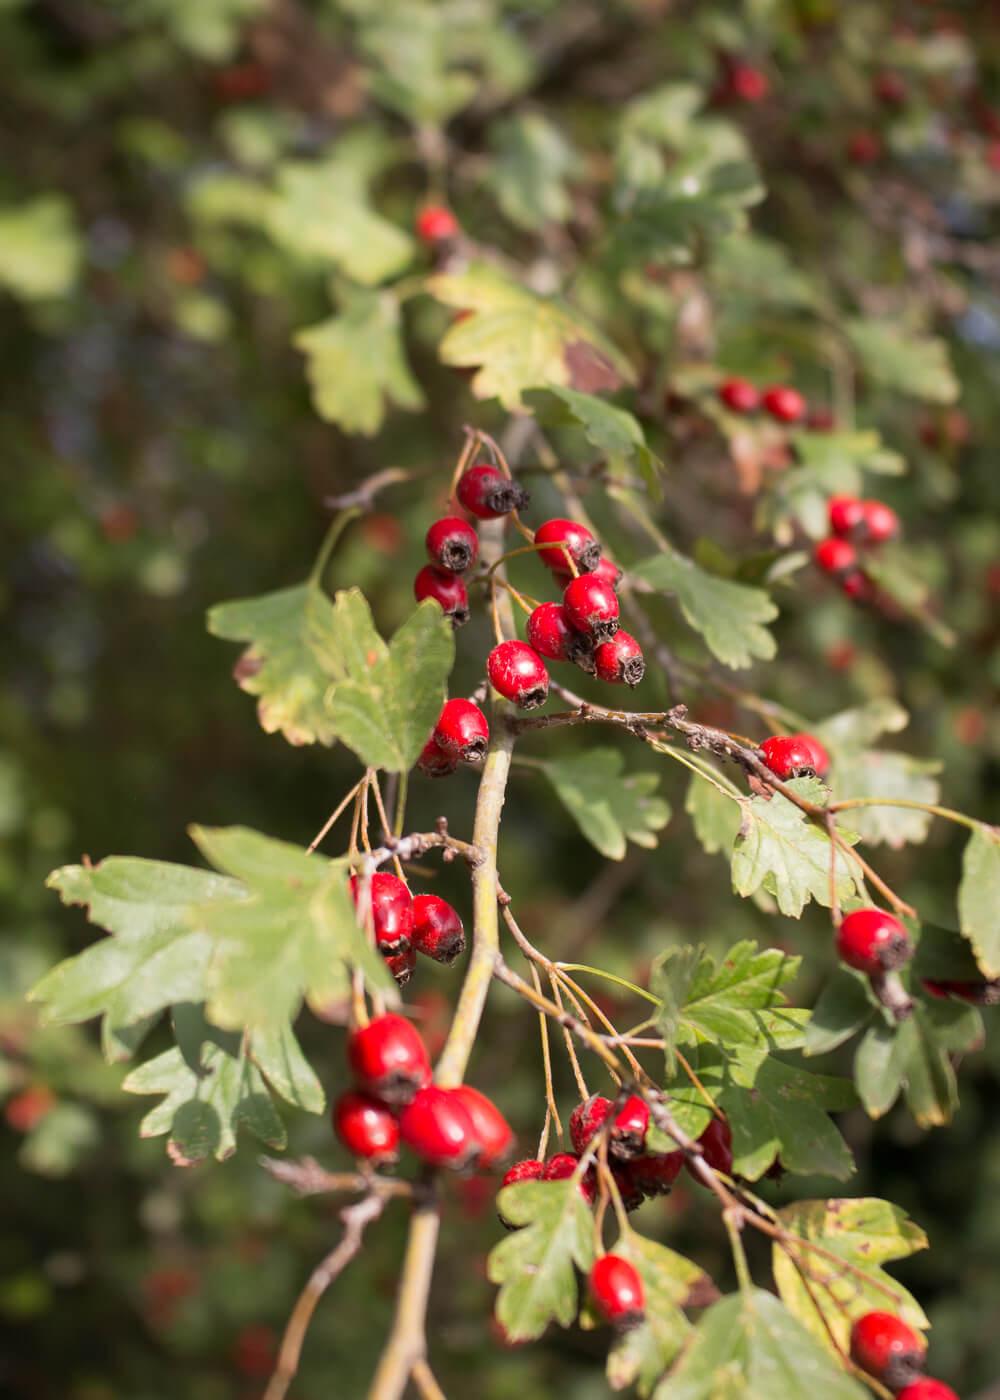 La bellezza dell'autunno - Le bacche di biancospino - Lily&Sage Design